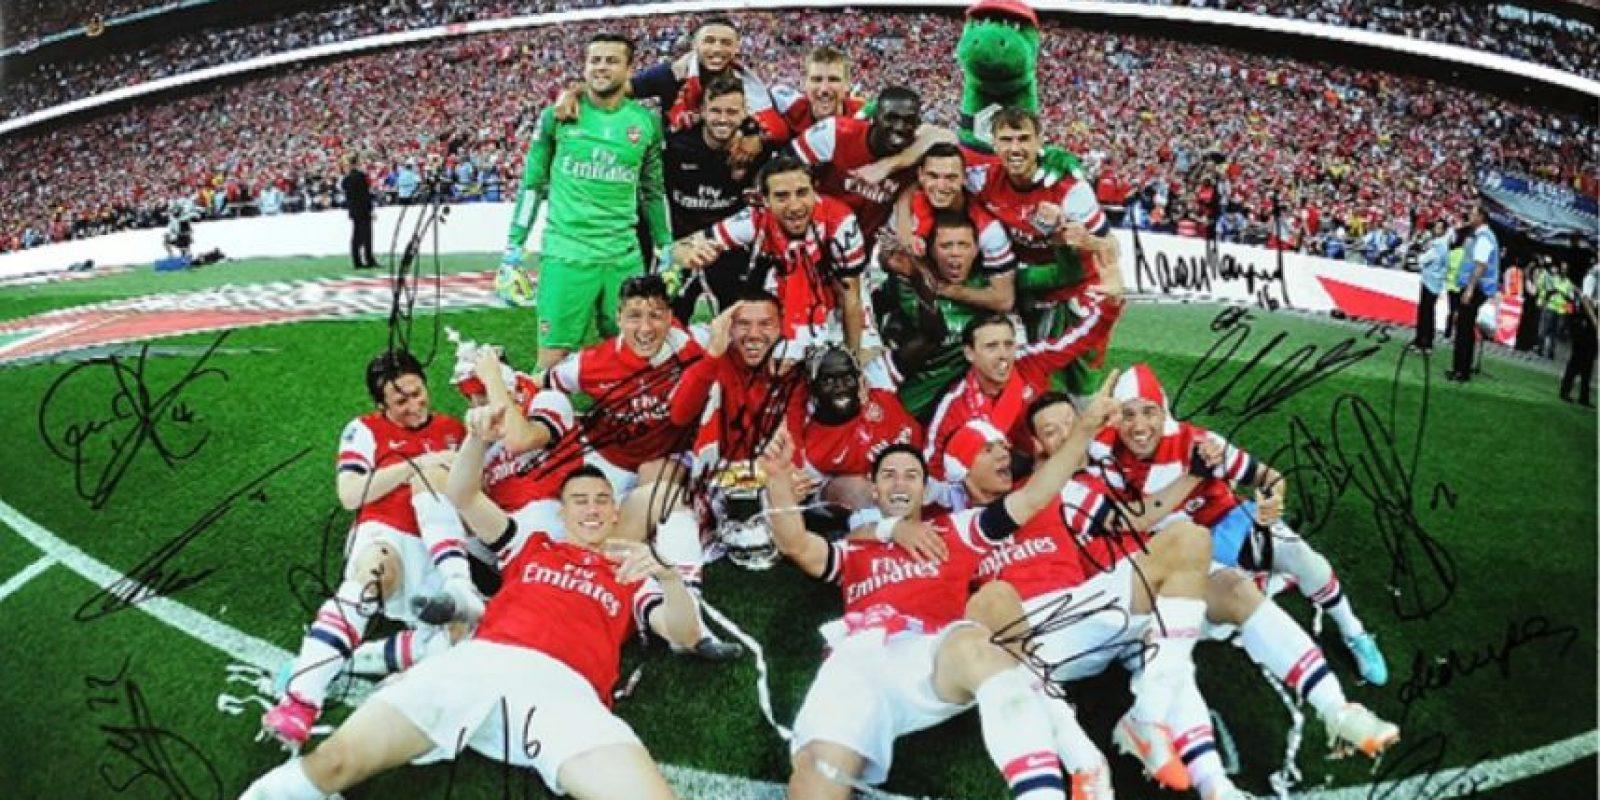 La foto de la celebración del Arsenal por ganar la FA Cup. Foto:unitedcharity.de